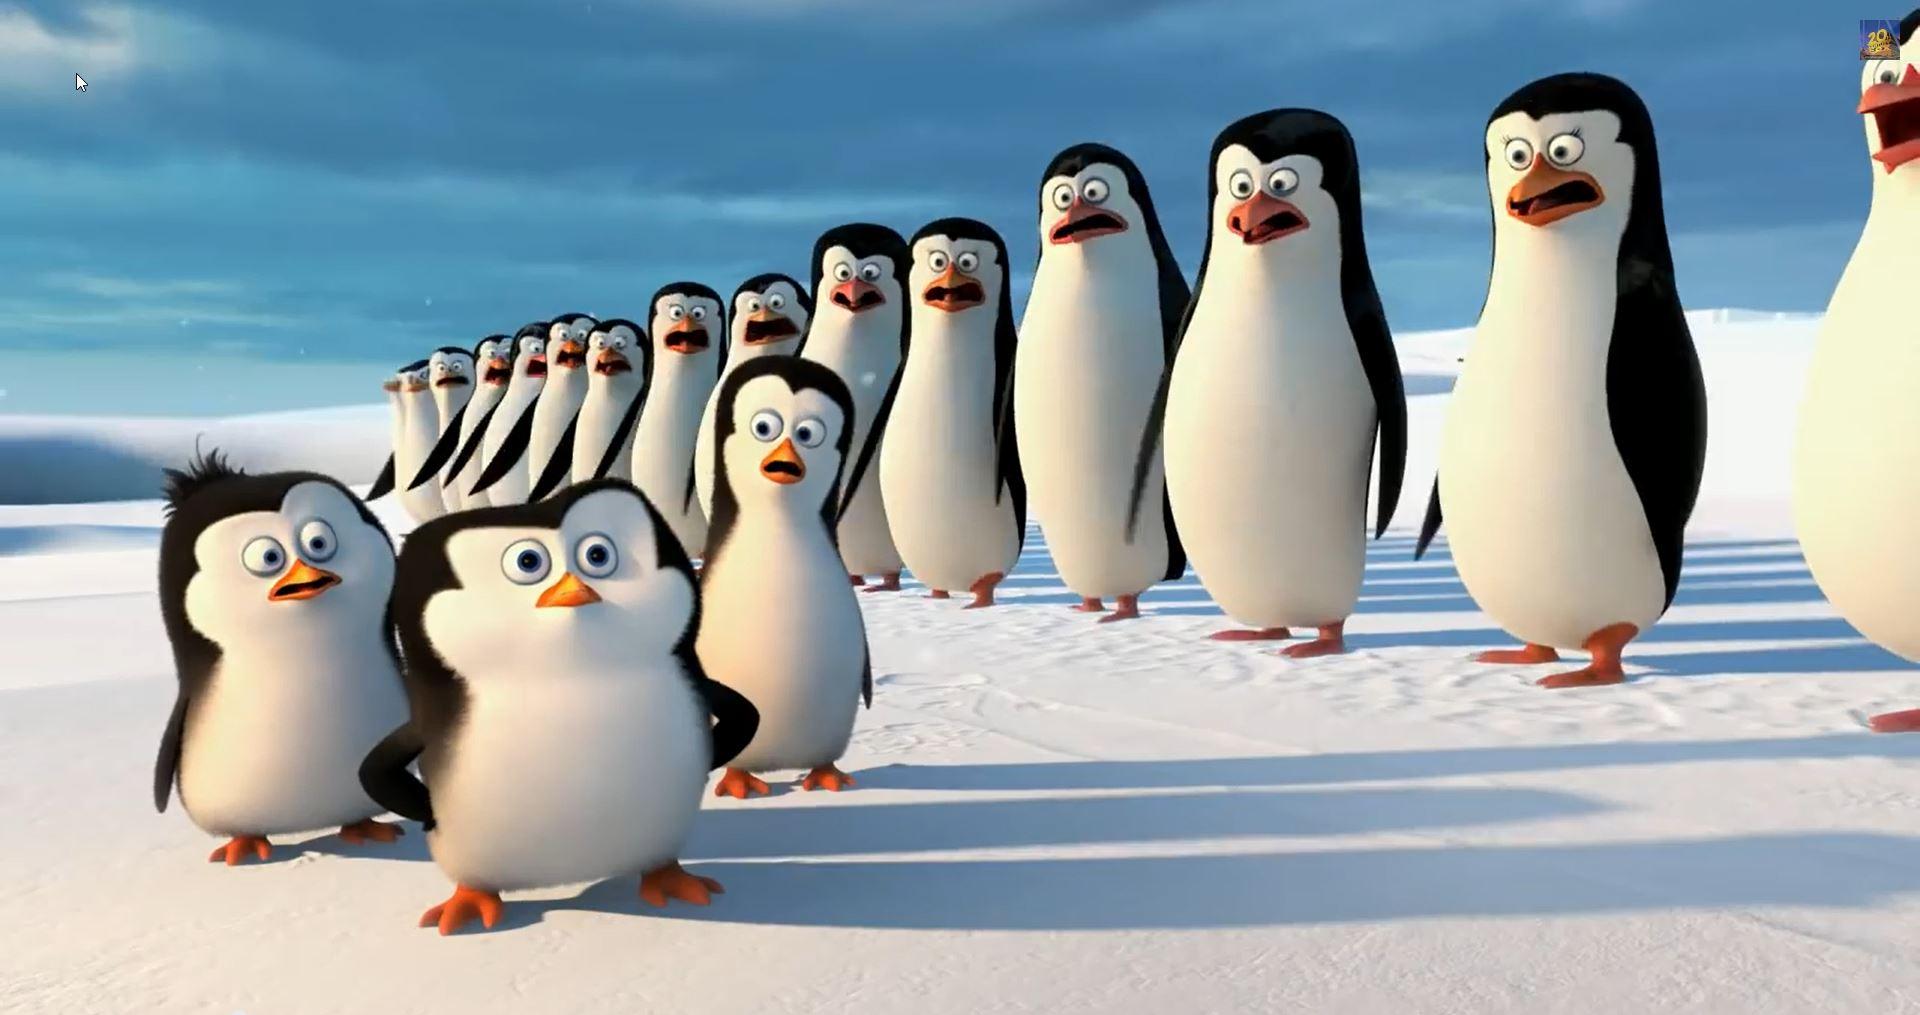 Pinguine aus Madagascar - Bildquelle YouTube Video